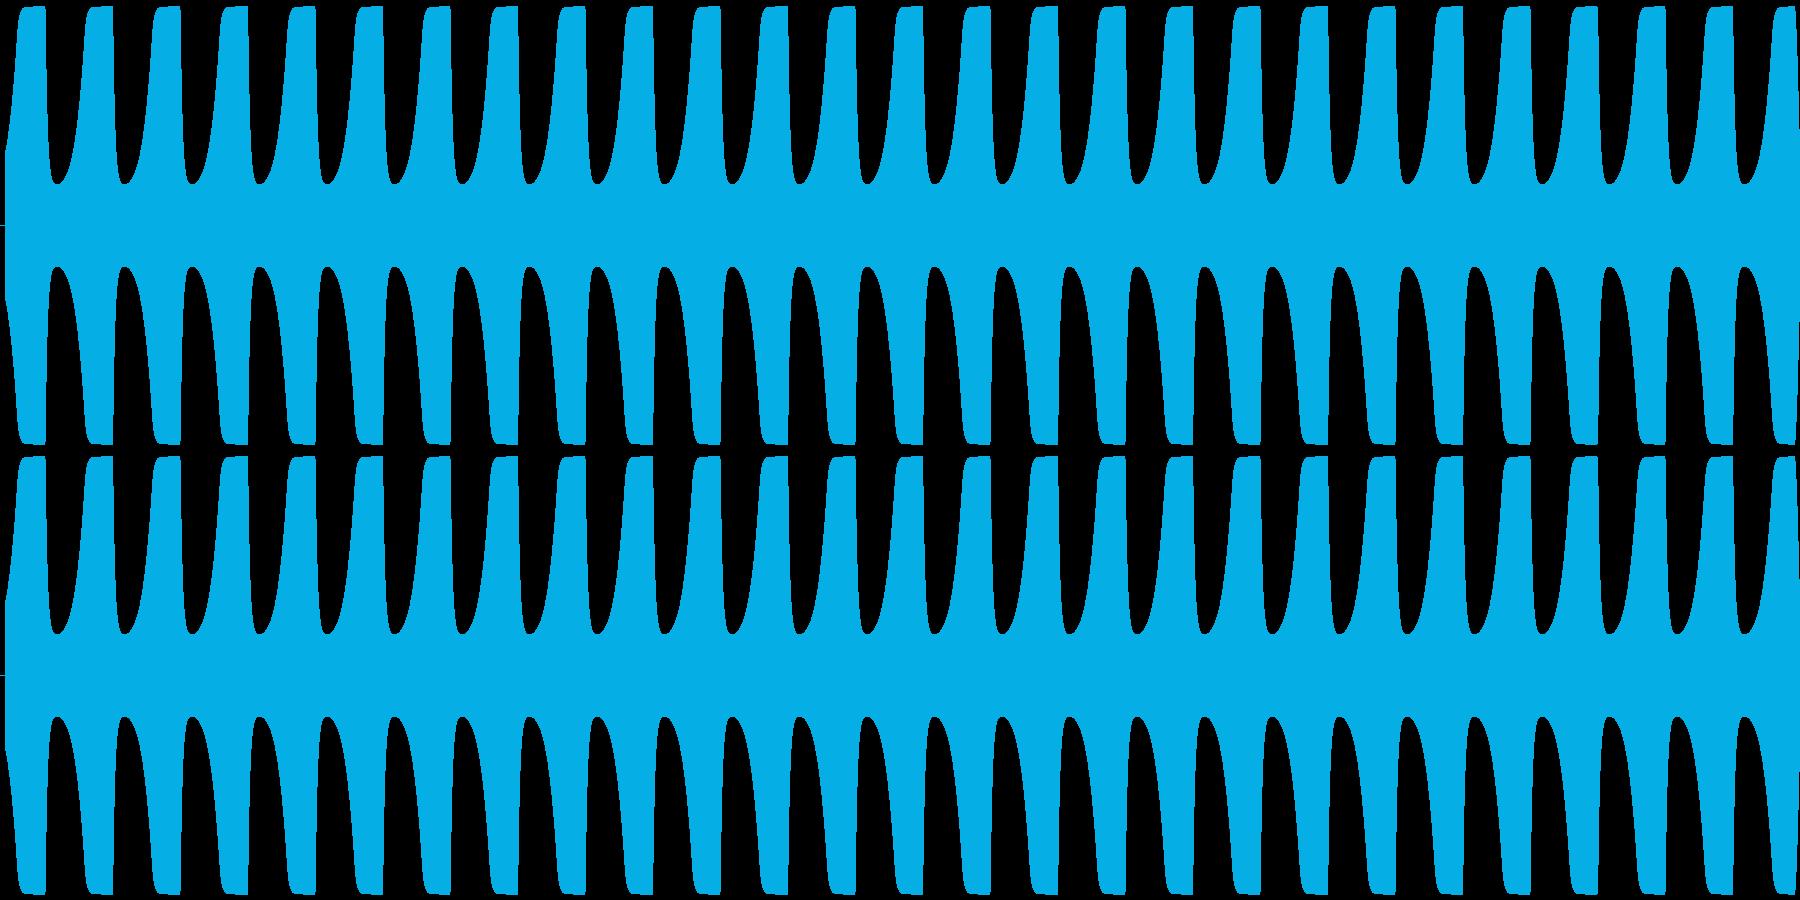 ゲームテキスト効果音A-3(長い)の再生済みの波形